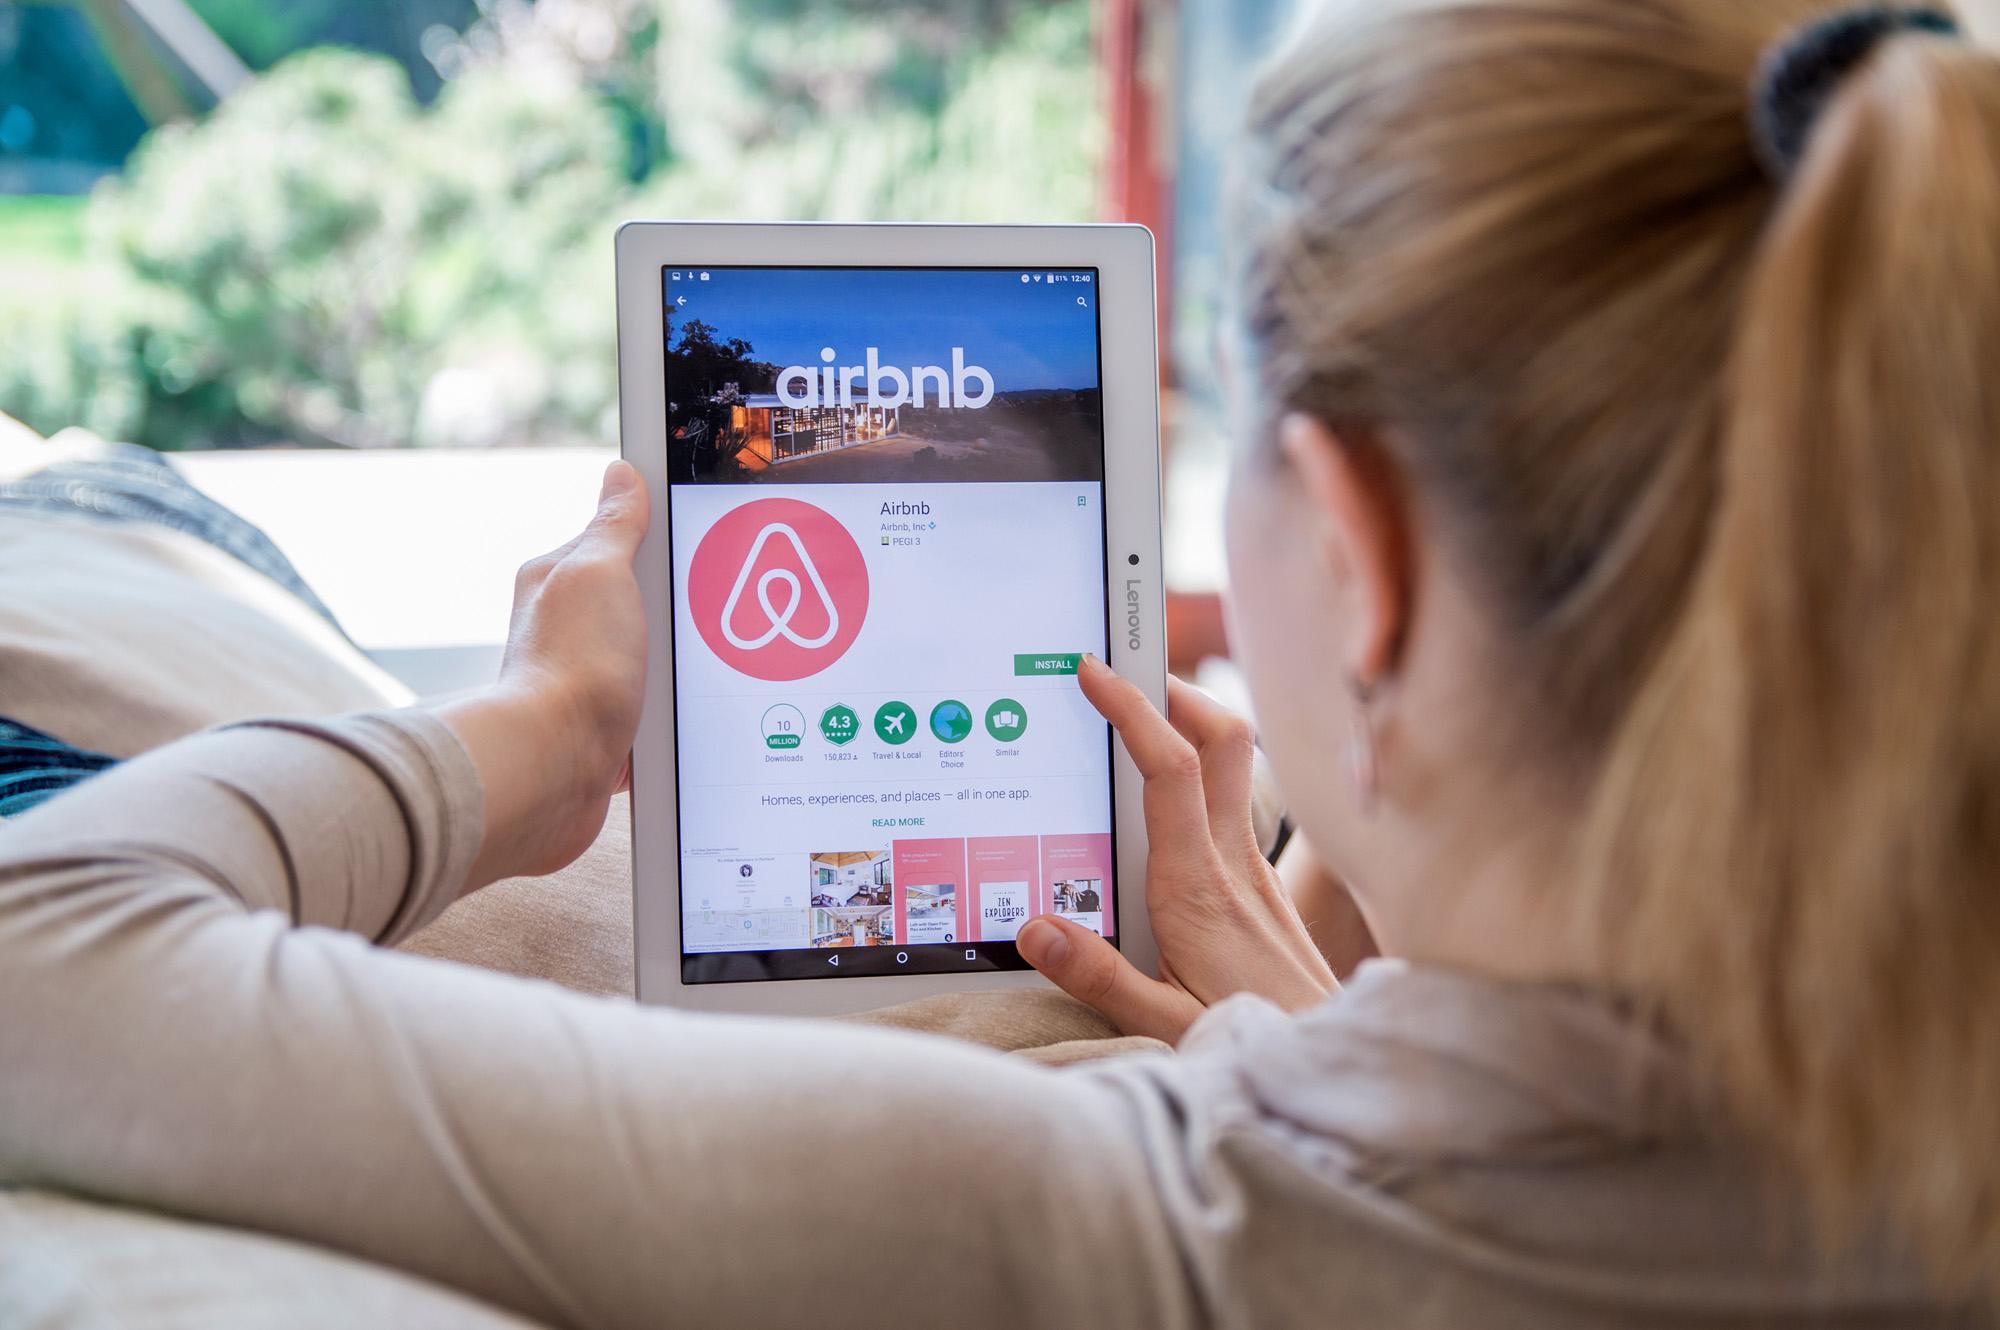 Cedolare Secca Airbnb ed il sistema PayTourist